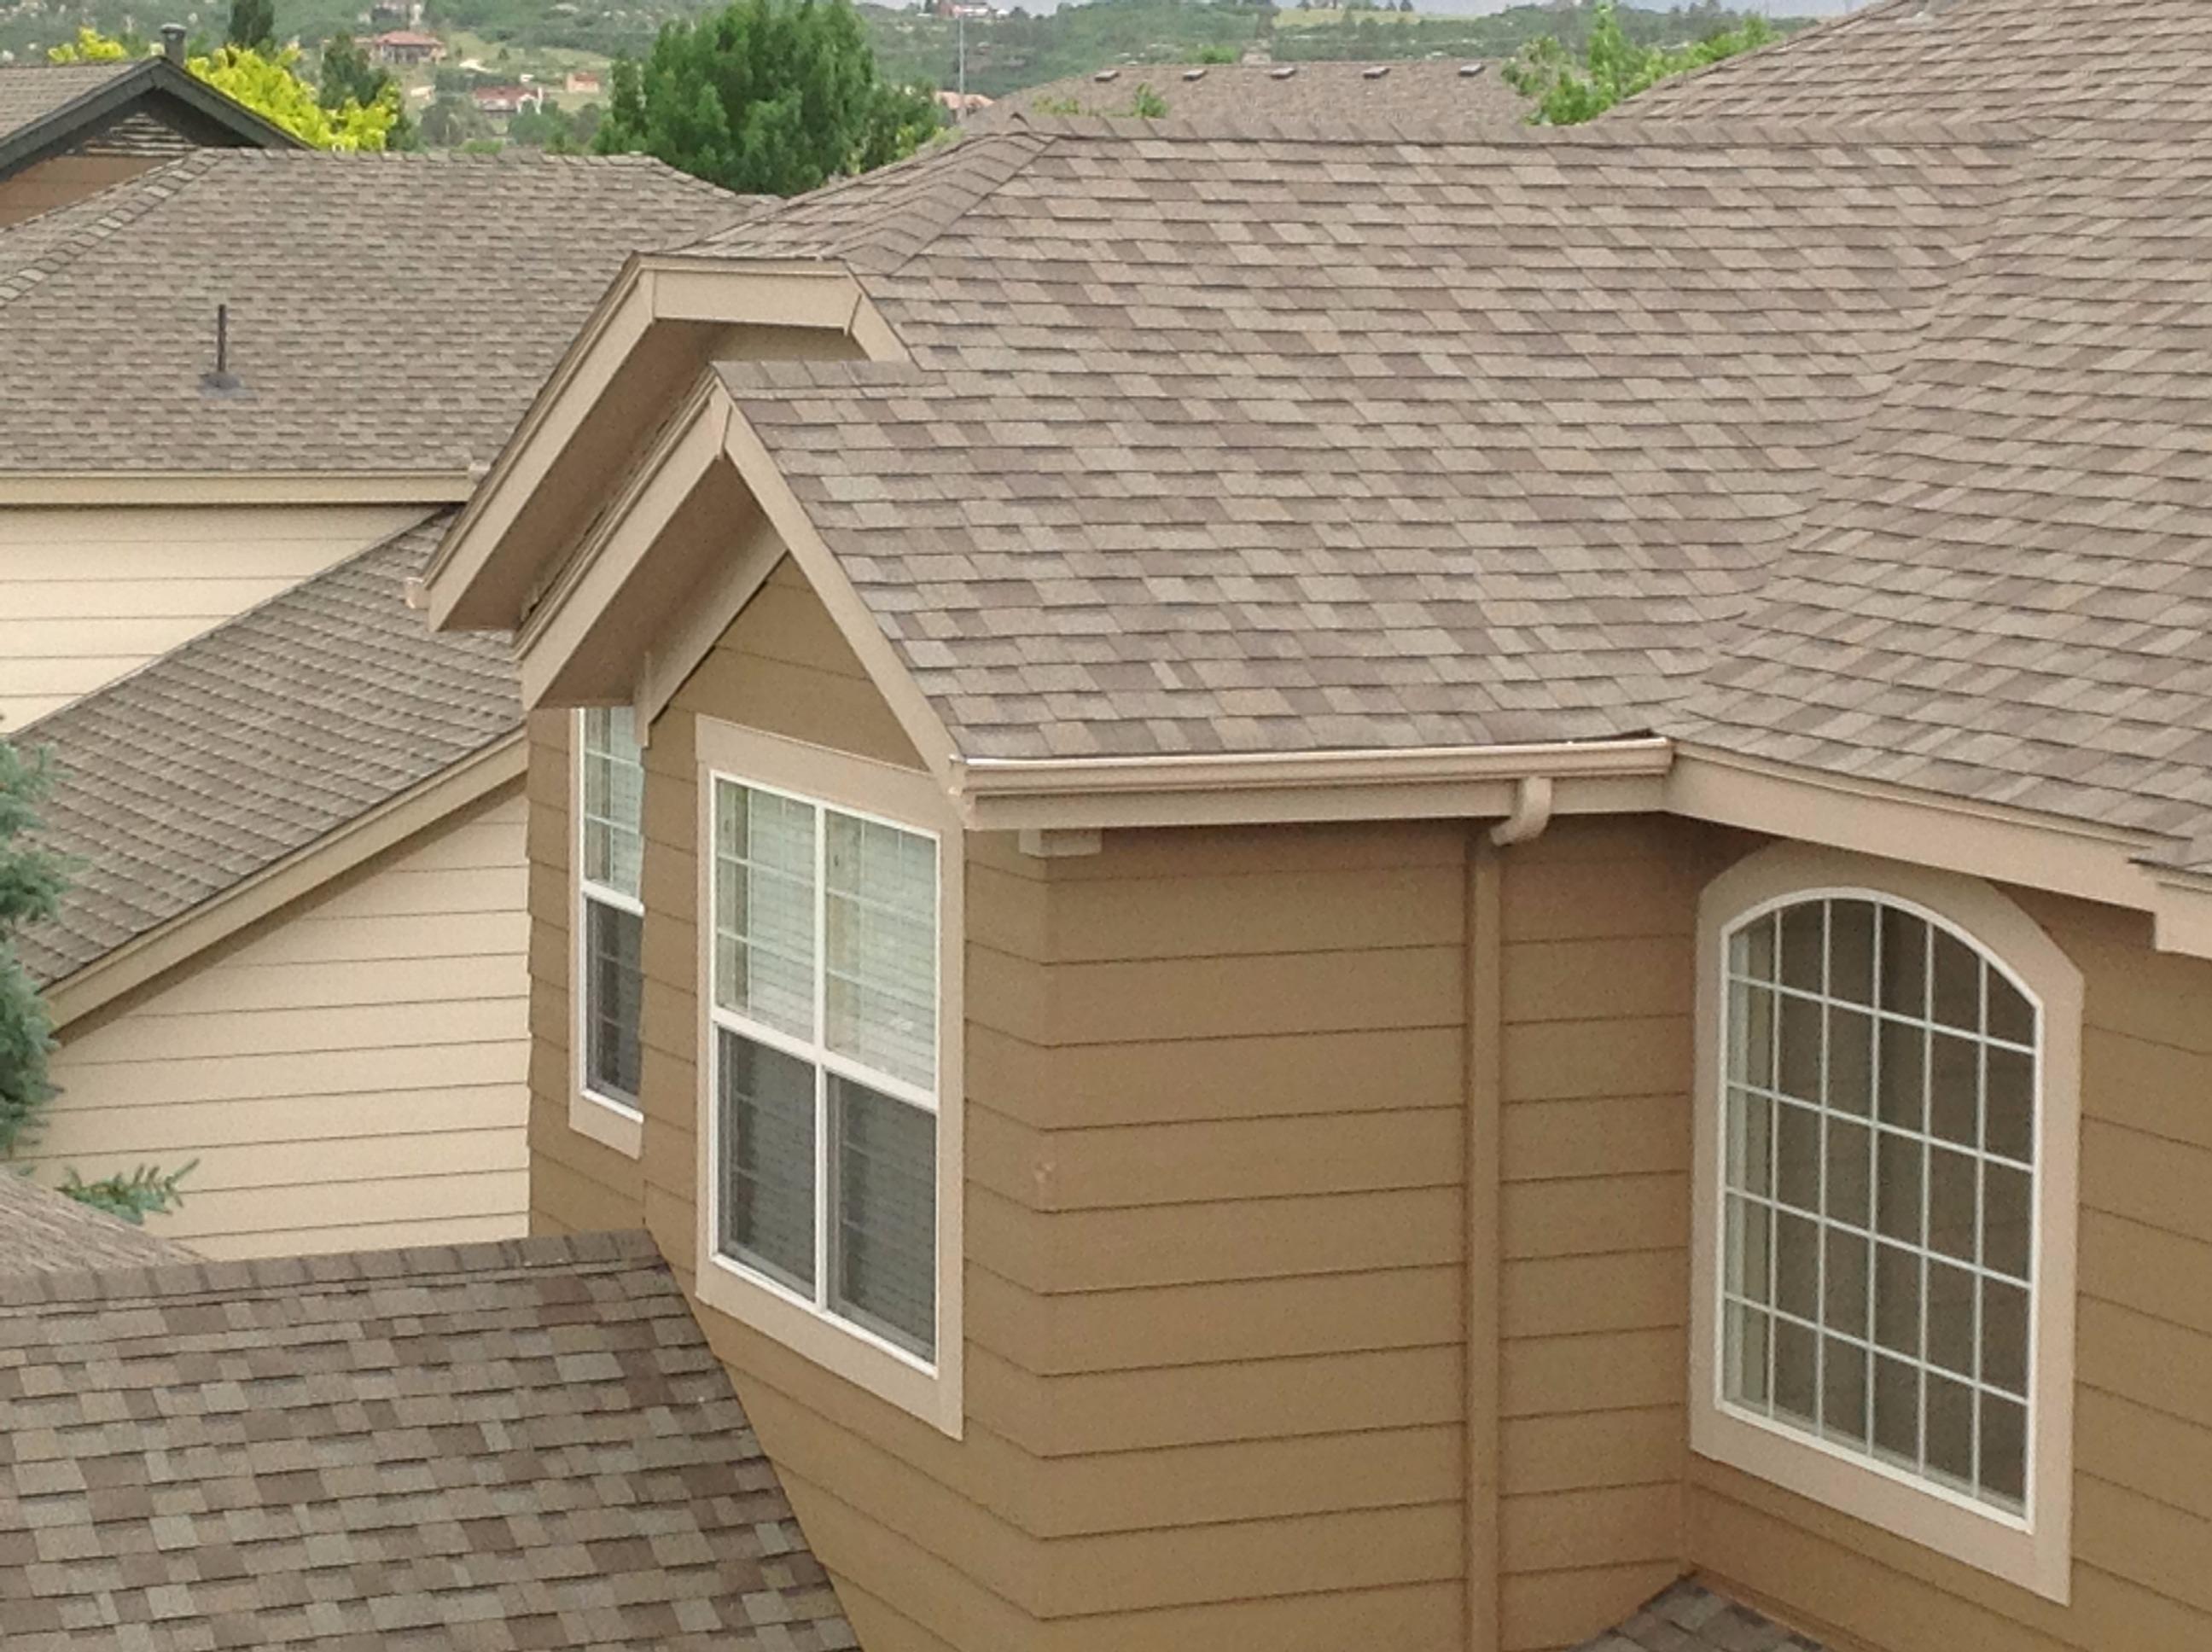 Beall S Roofing Llc Denver Colorado Co Localdatabase Com